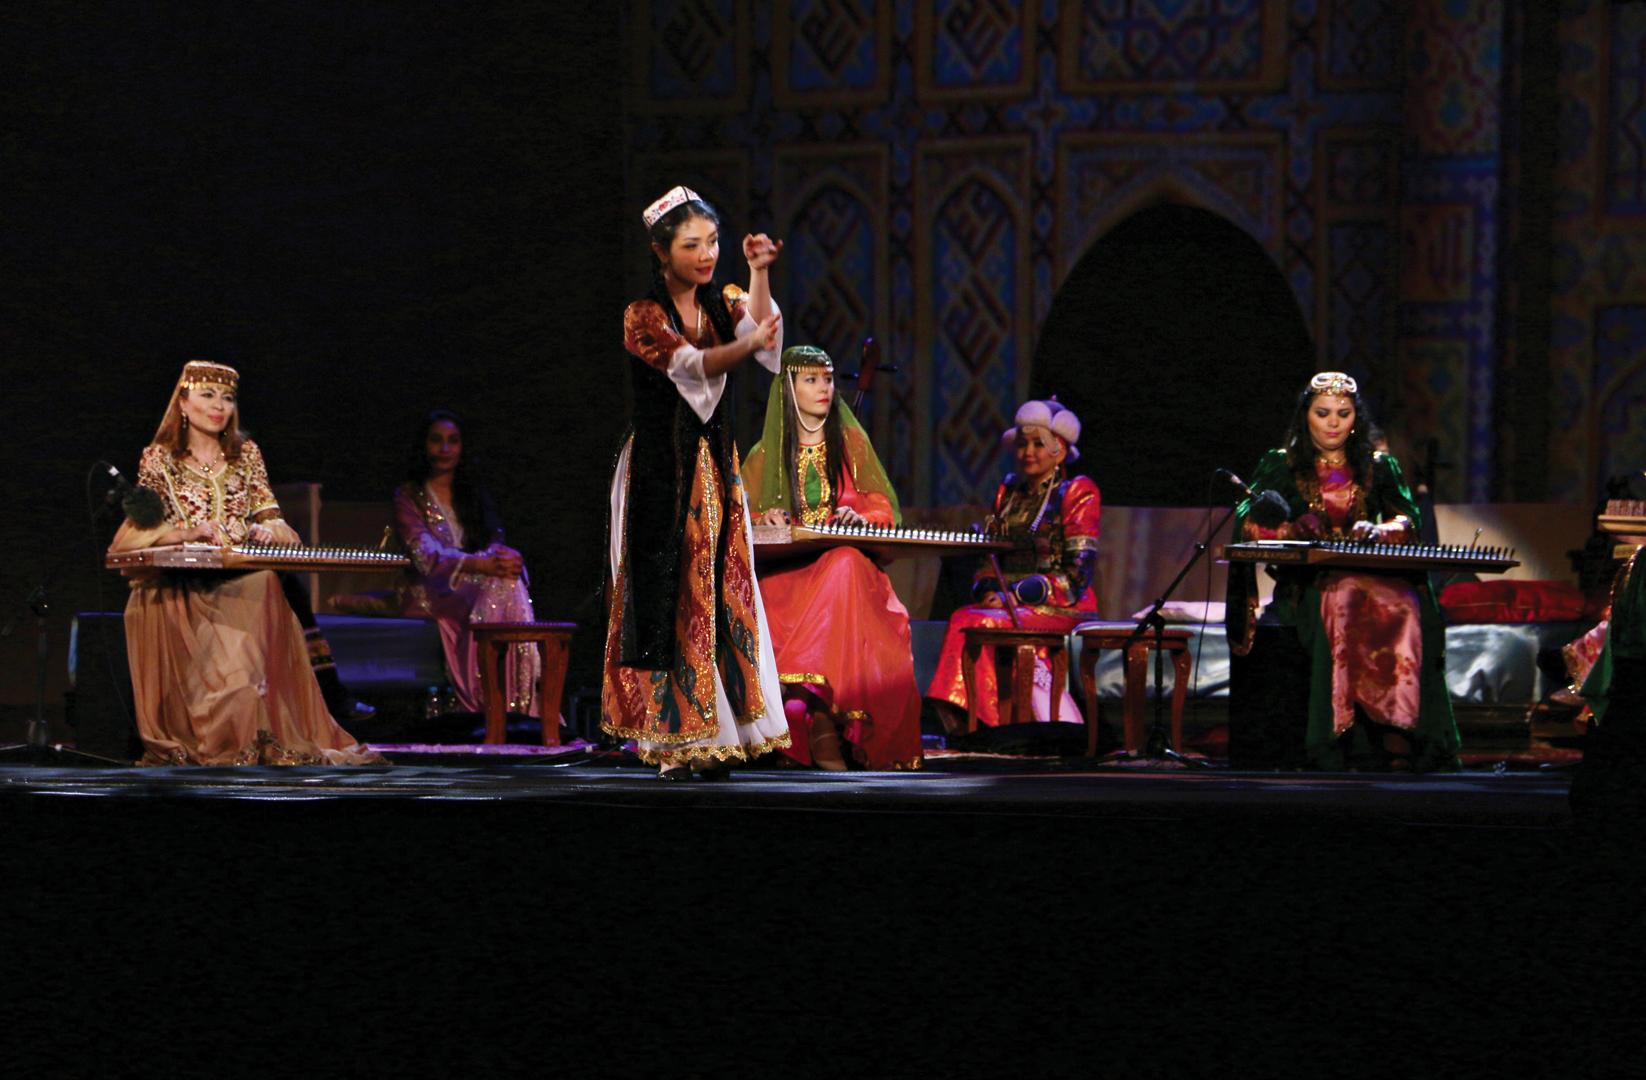 Le salon de musique voyage en asie centrale en pays - Musique danse de salon ...